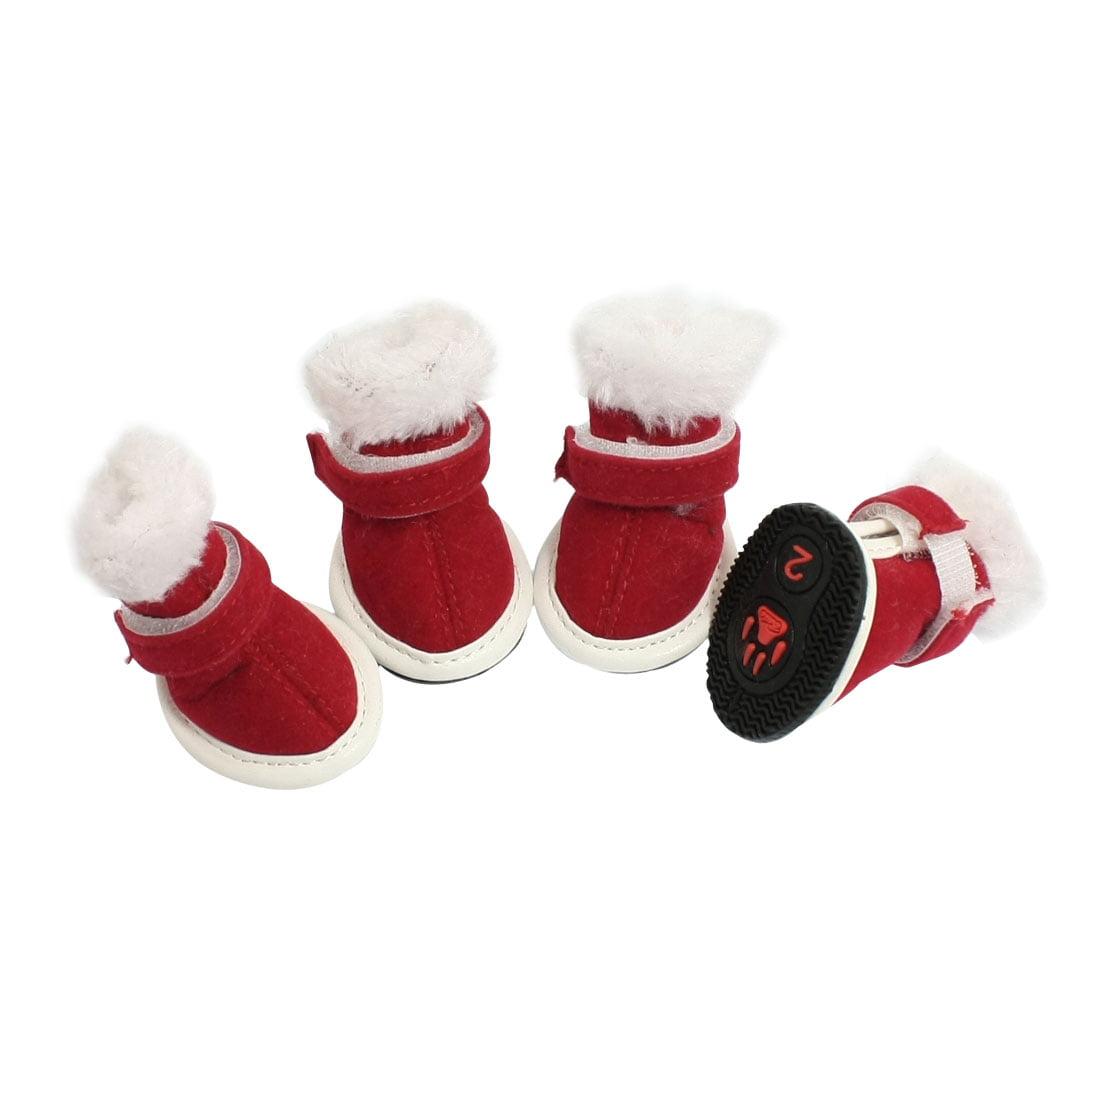 Unique Bargains White Plush Top Red Faux Suede Vamp Xmas Boots Pet Dog Shoes Size 2